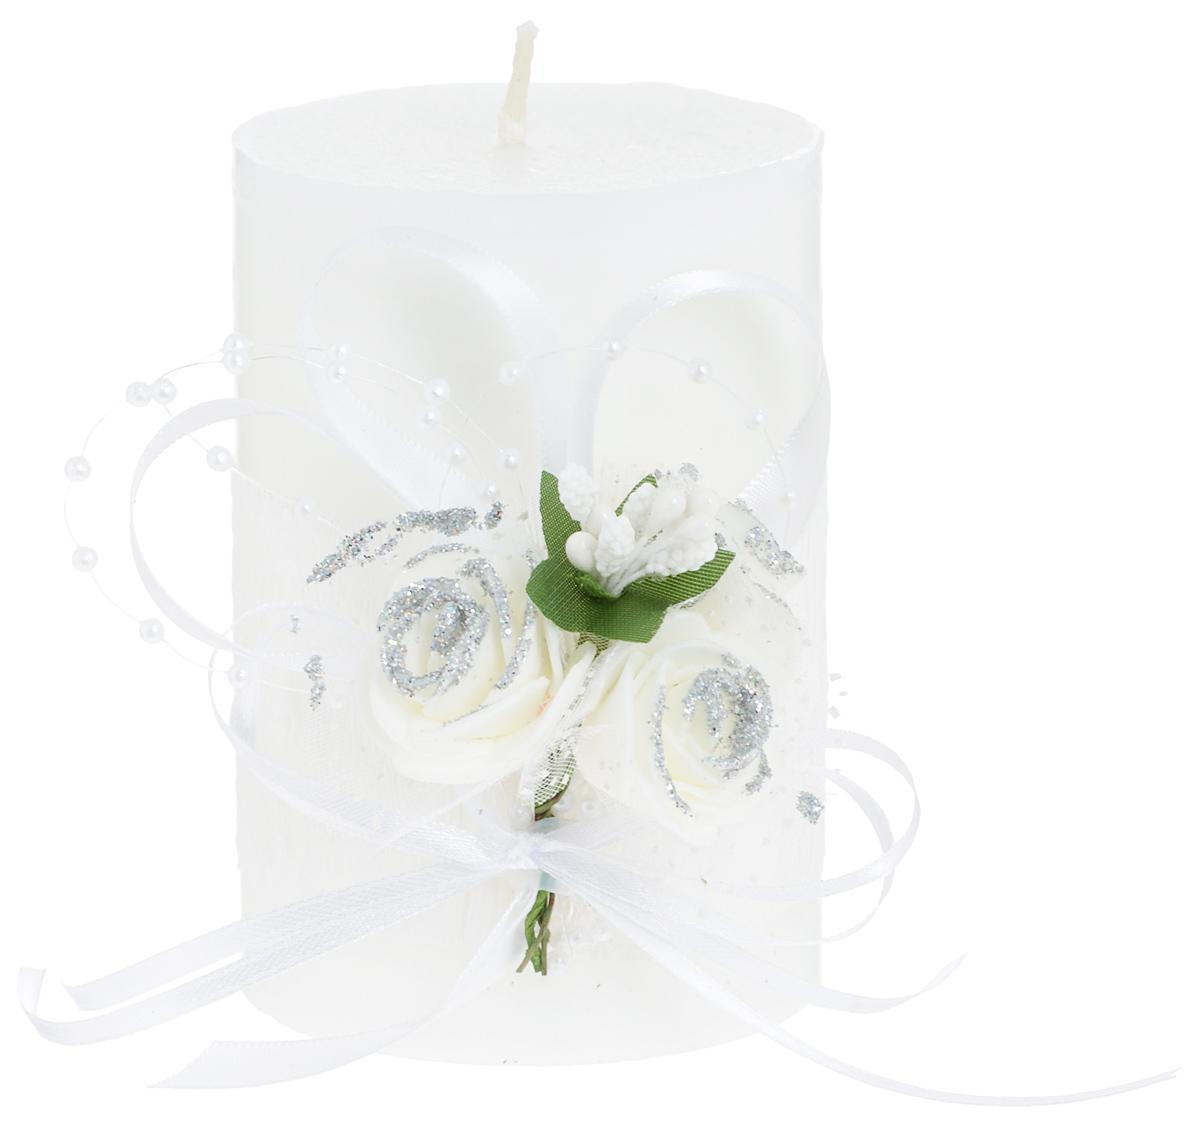 Свеча декоративная Win Max Свадебная, высота 10 см. 94704JV0105Свеча декоративная Win Max Свадебная выполнена из парафина белого цвета. Изделие выполнено в форме столбика и декорировано композицией из цветов и ленточек.Свеча будет вас радовать и достойно украсит интерьер. Вы можете поставить свечу в любом месте, где она будет удачно смотреться и радовать глаз. Кроме того, эта свеча - отличный вариант подарка для ваших близких и друзей.Диаметр свечи: 7 см.